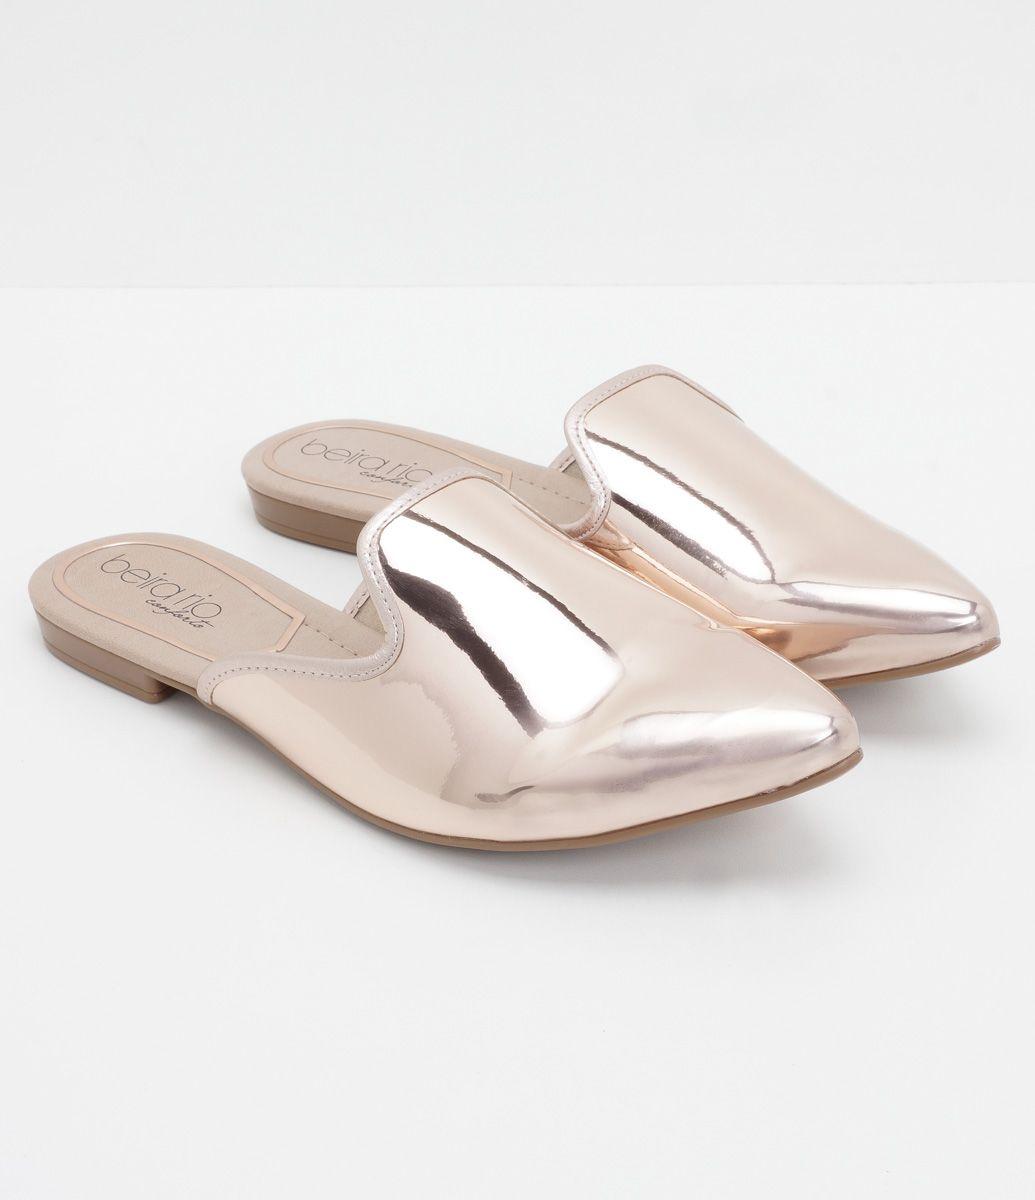 8ae4f8a43 Sapato feminino Modelo mule Metalizada Material: sintético Marca: Beira Rio  COLEÇÃO INVERNO 2017 Veja outras opções de sapatos femininos.